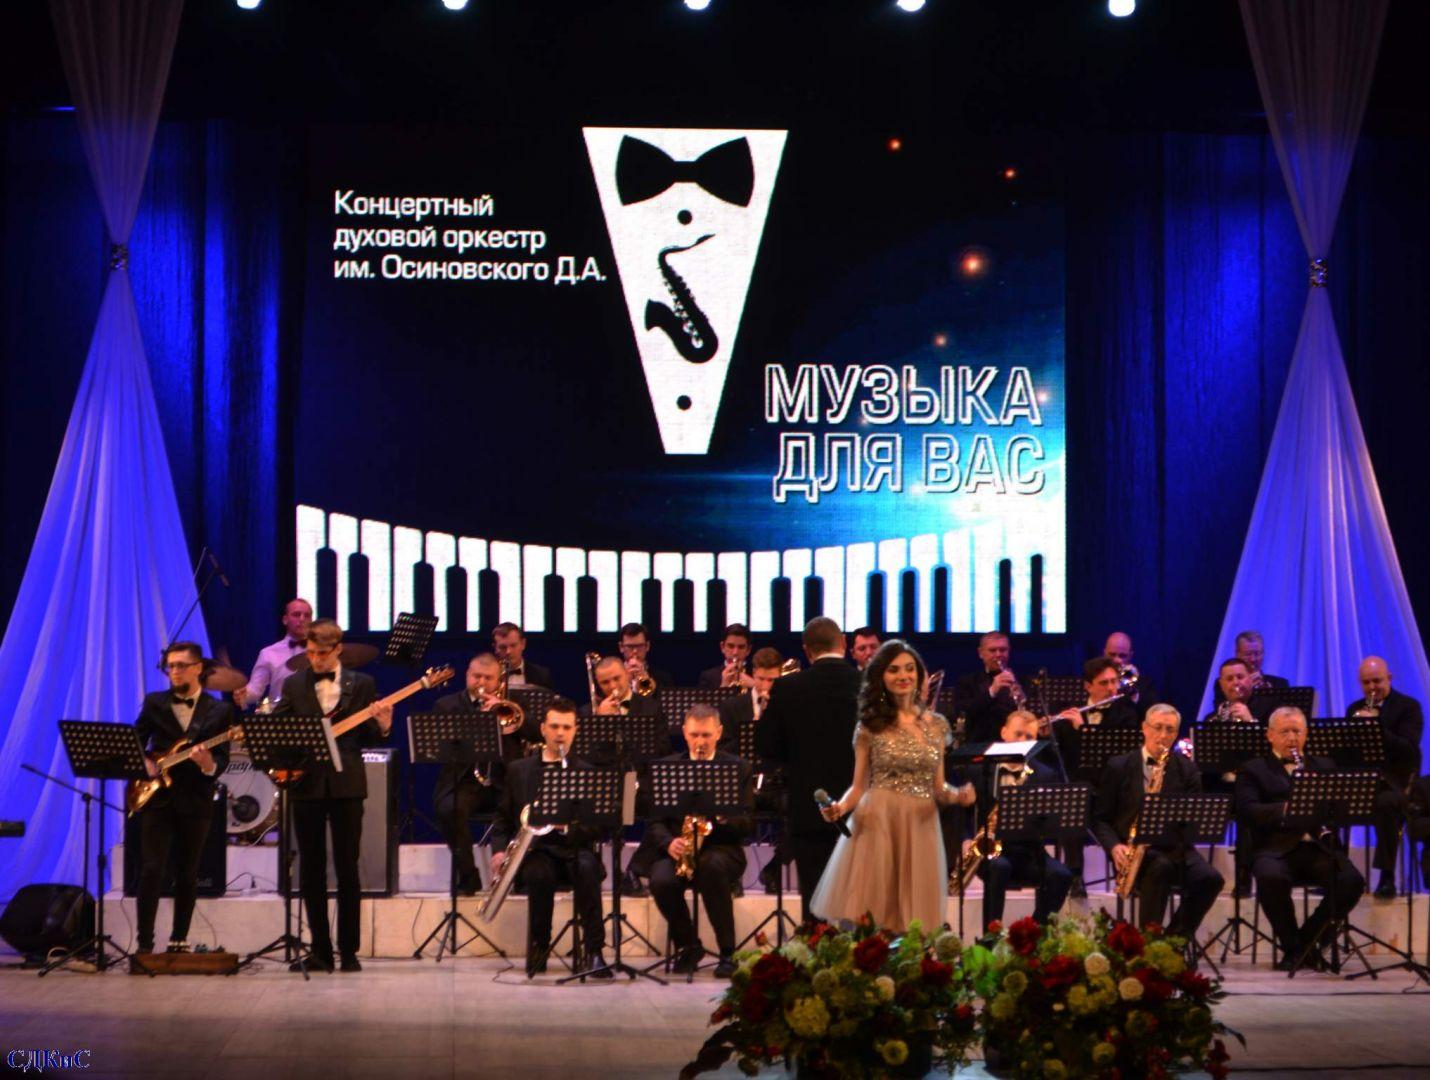 ВСтаврополе духовой ансамбль исполнит джазовые ипатриотические произведения